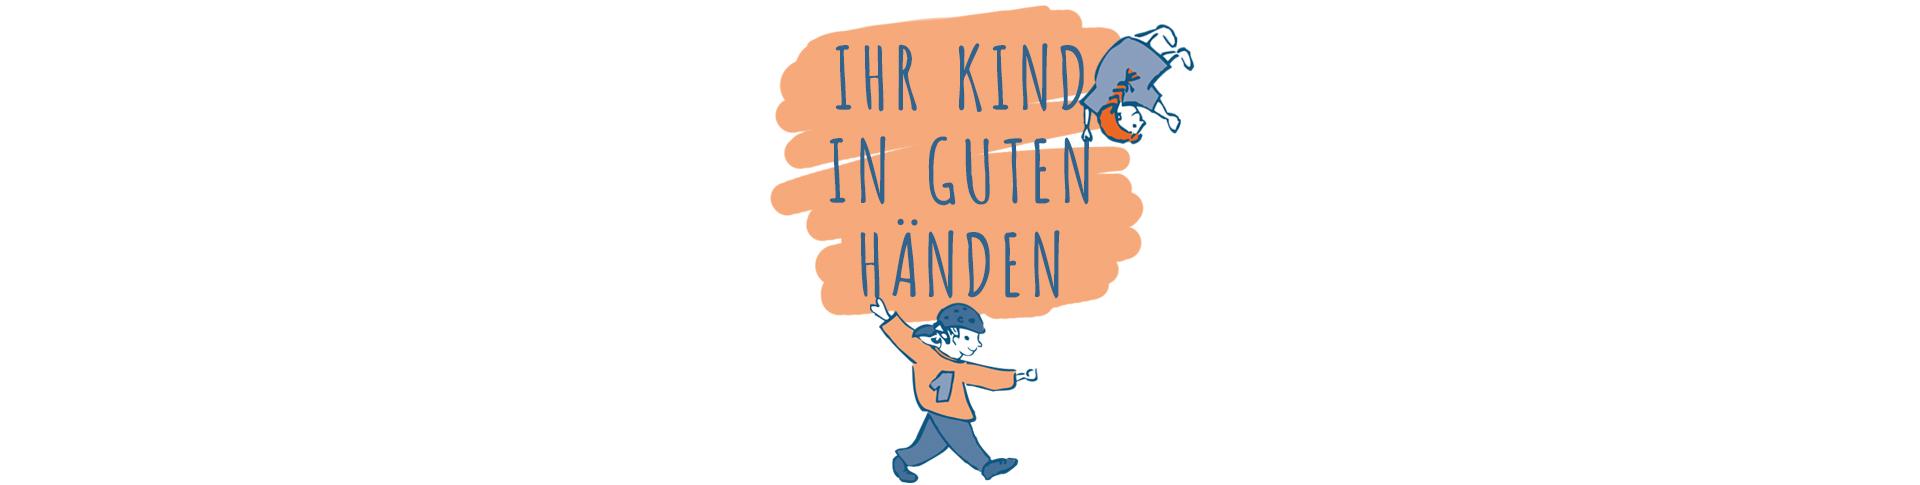 Ihr Kind in guten Händen im Kinderbüro Landsberg